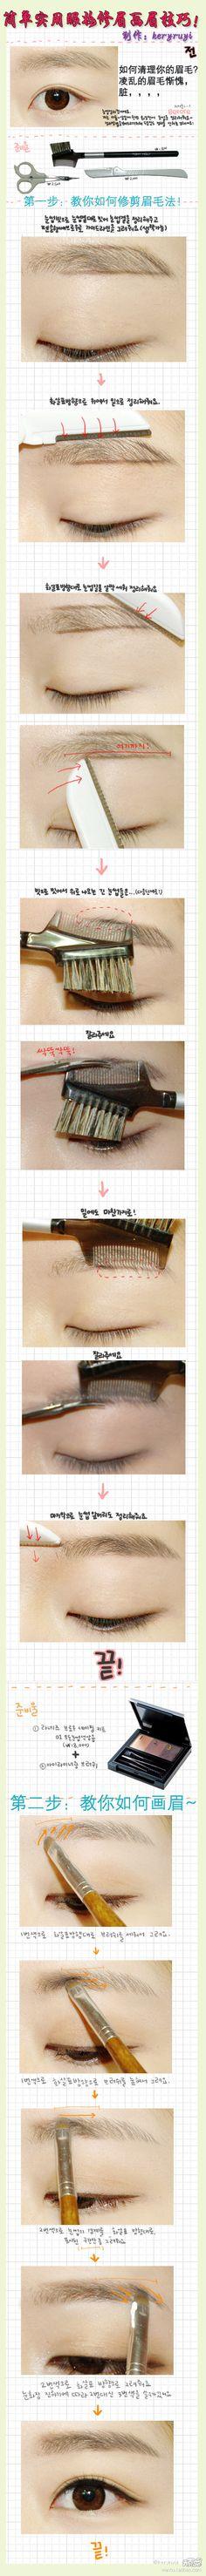 小心机让眼睛放大N倍 - 顽兔。 korean eyebrow tutorial.